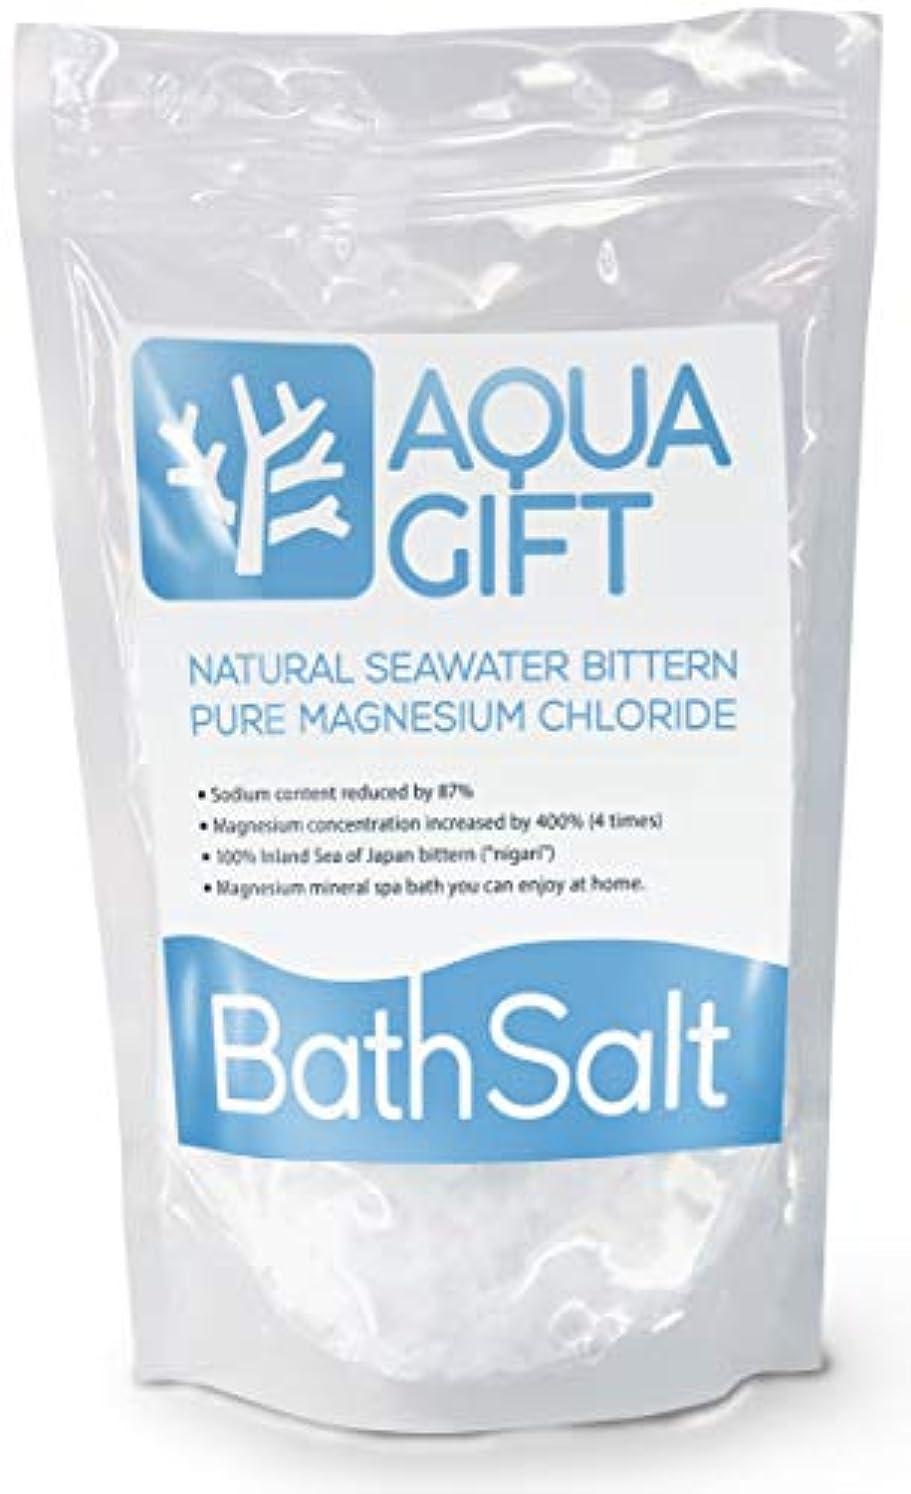 プレフィックス協力する信頼できる入浴剤 バスソルト AQUA GIFT 国産 マグネシウム 保湿 浴用化粧品 30回分 計量スプーン付